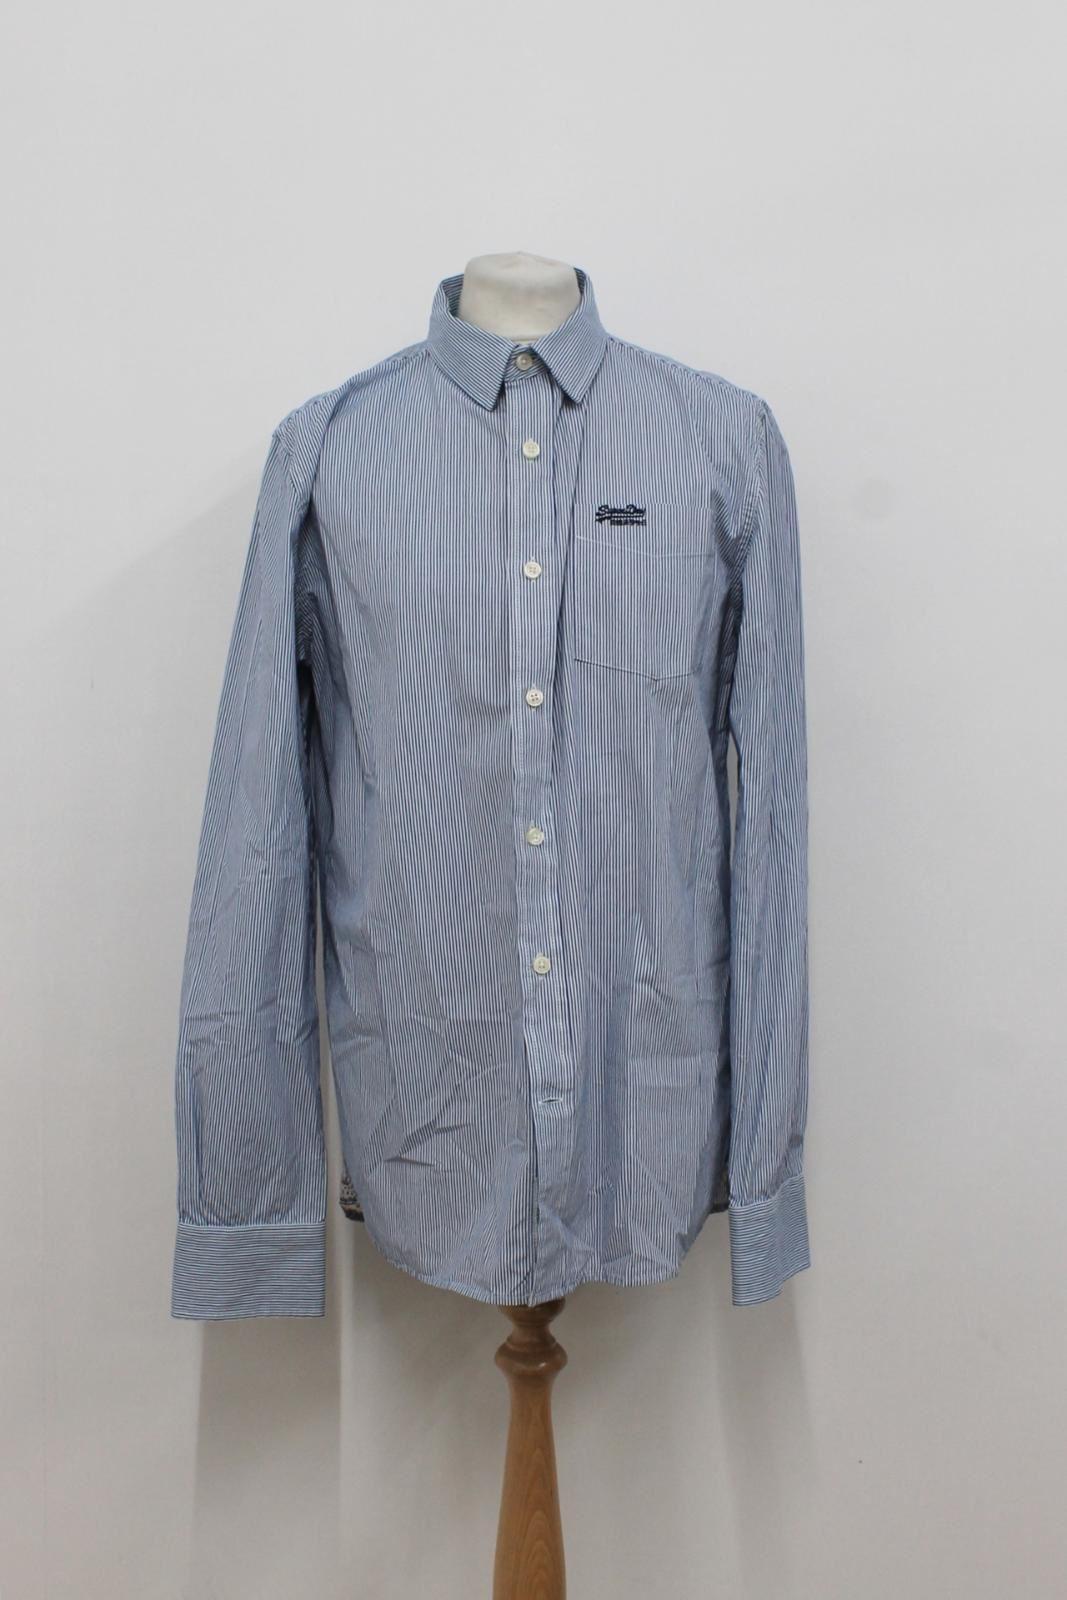 Camiseta-para-Hombre-de-Manga-Larga-Blanco-Azul-a-Rayas-Con-Cuello-Informal-Camisa-Tamano-XXL